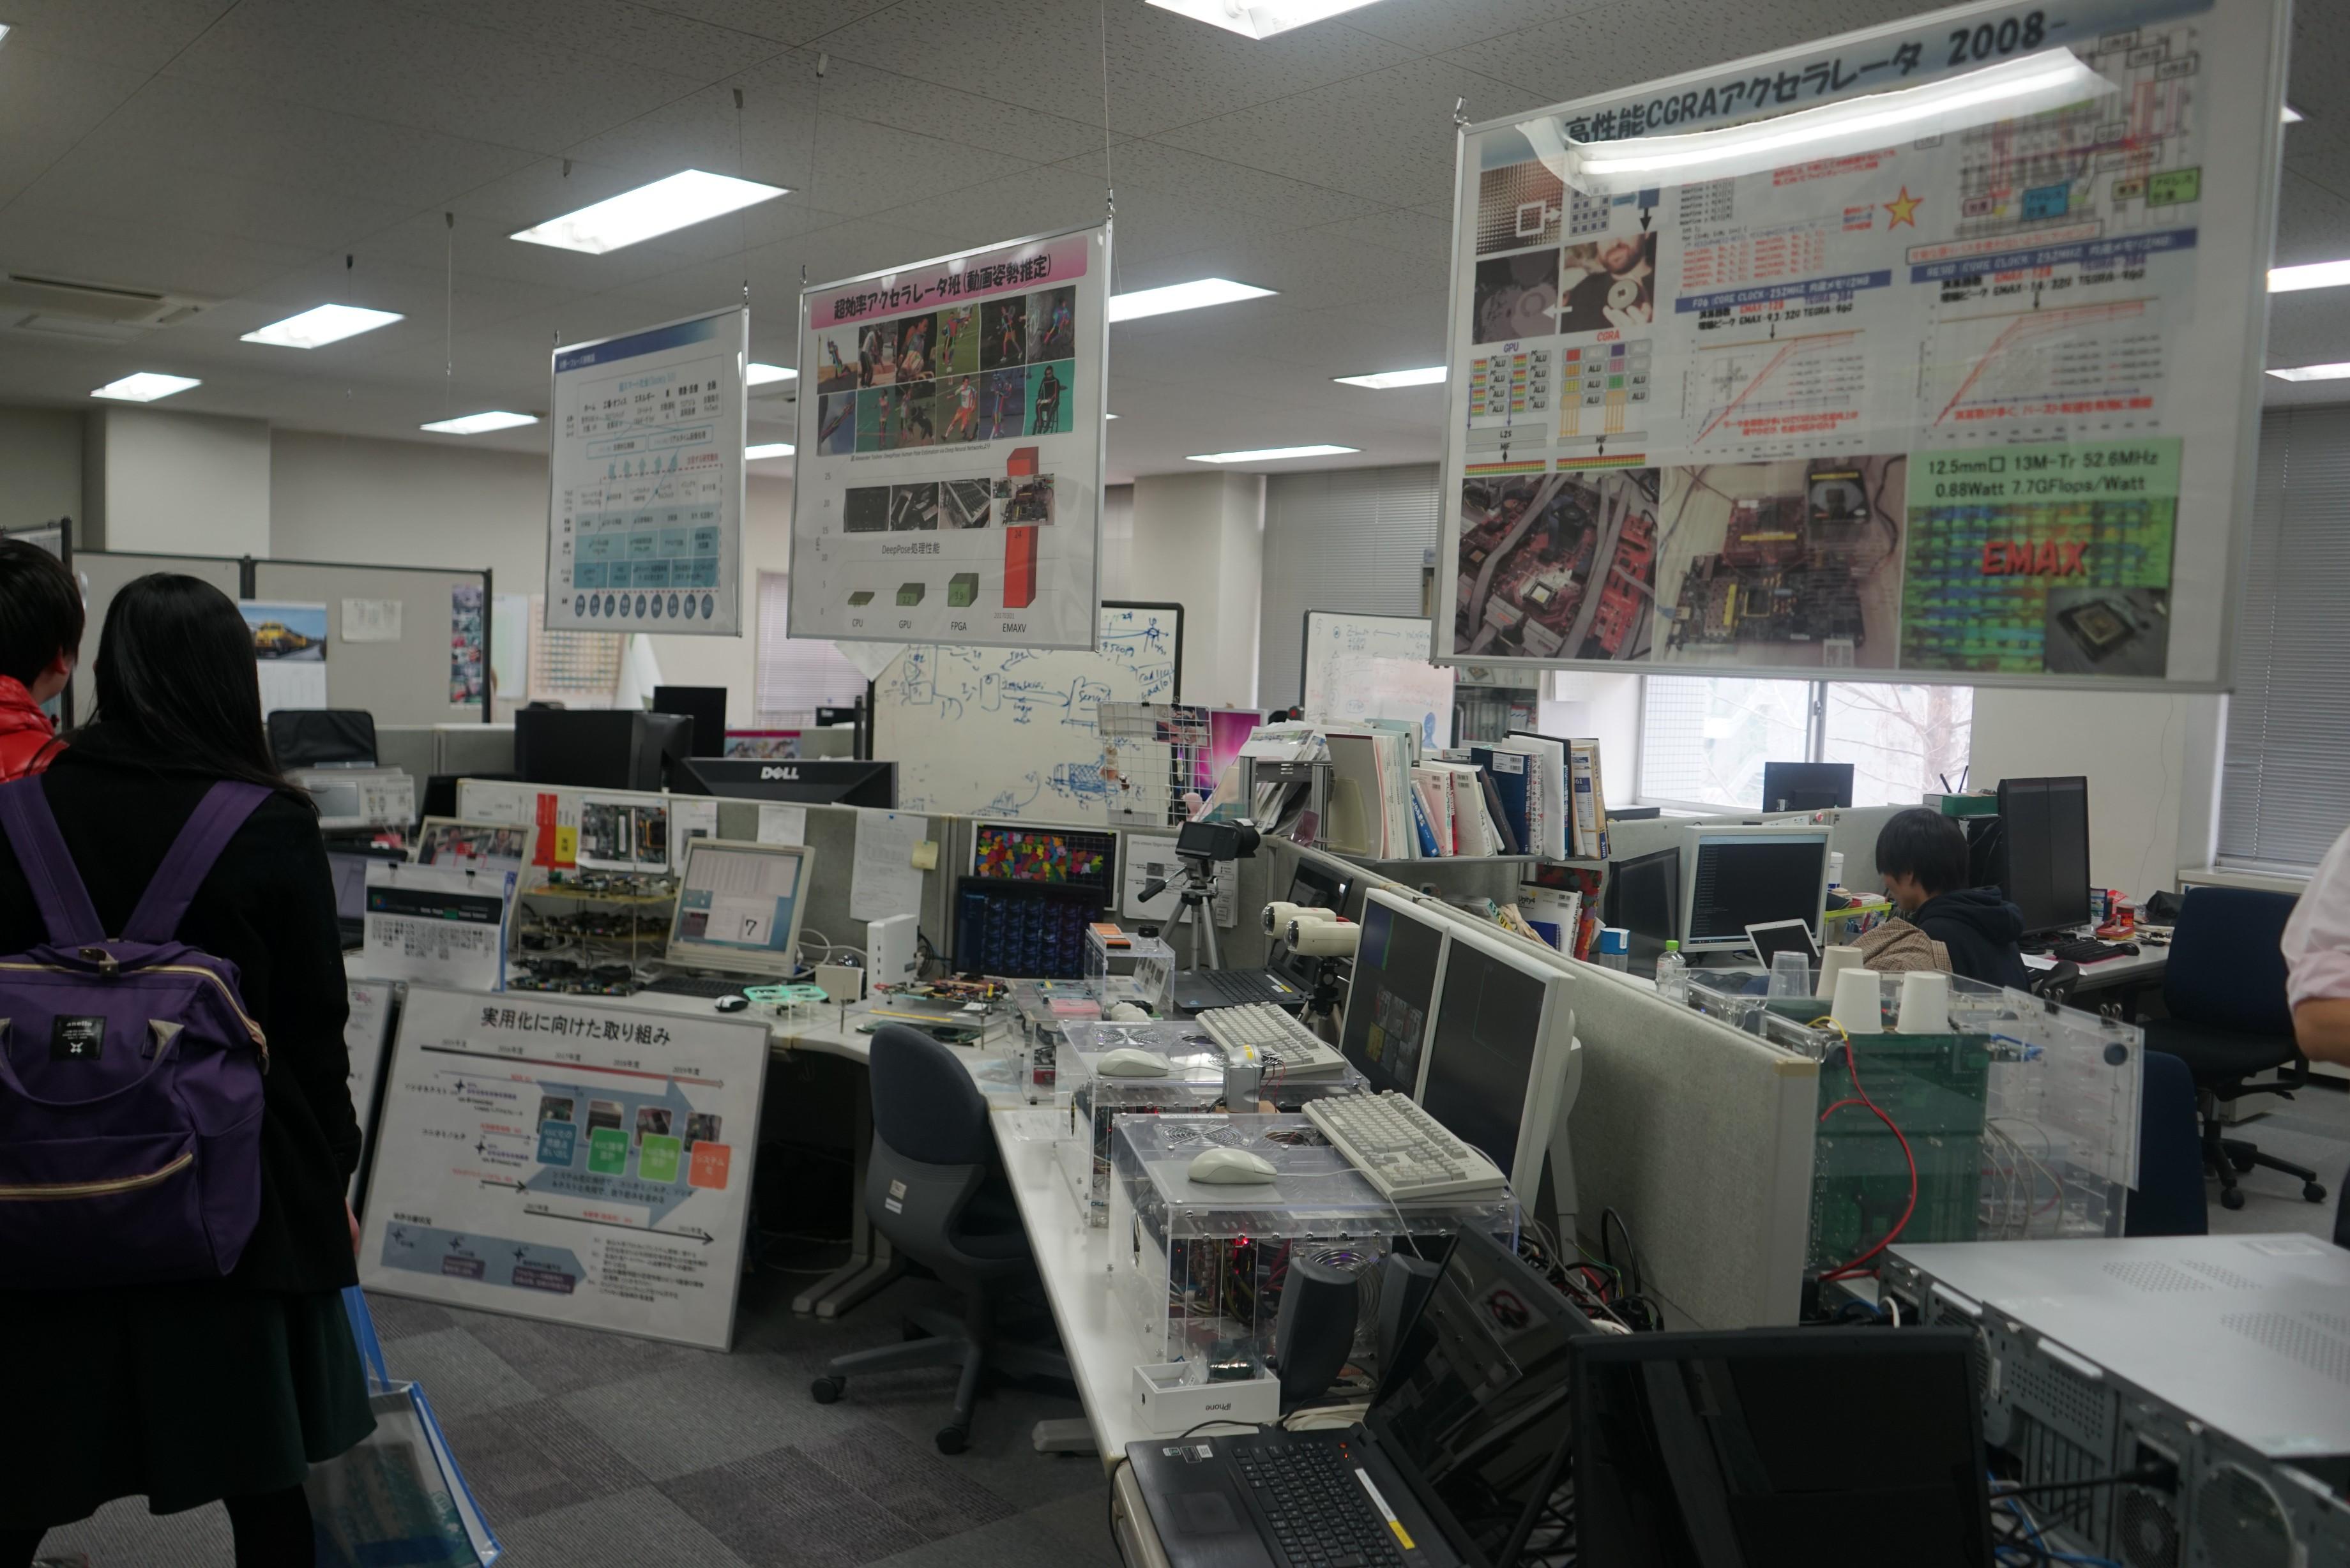 コンピュータや周辺機器がたくさんあります。